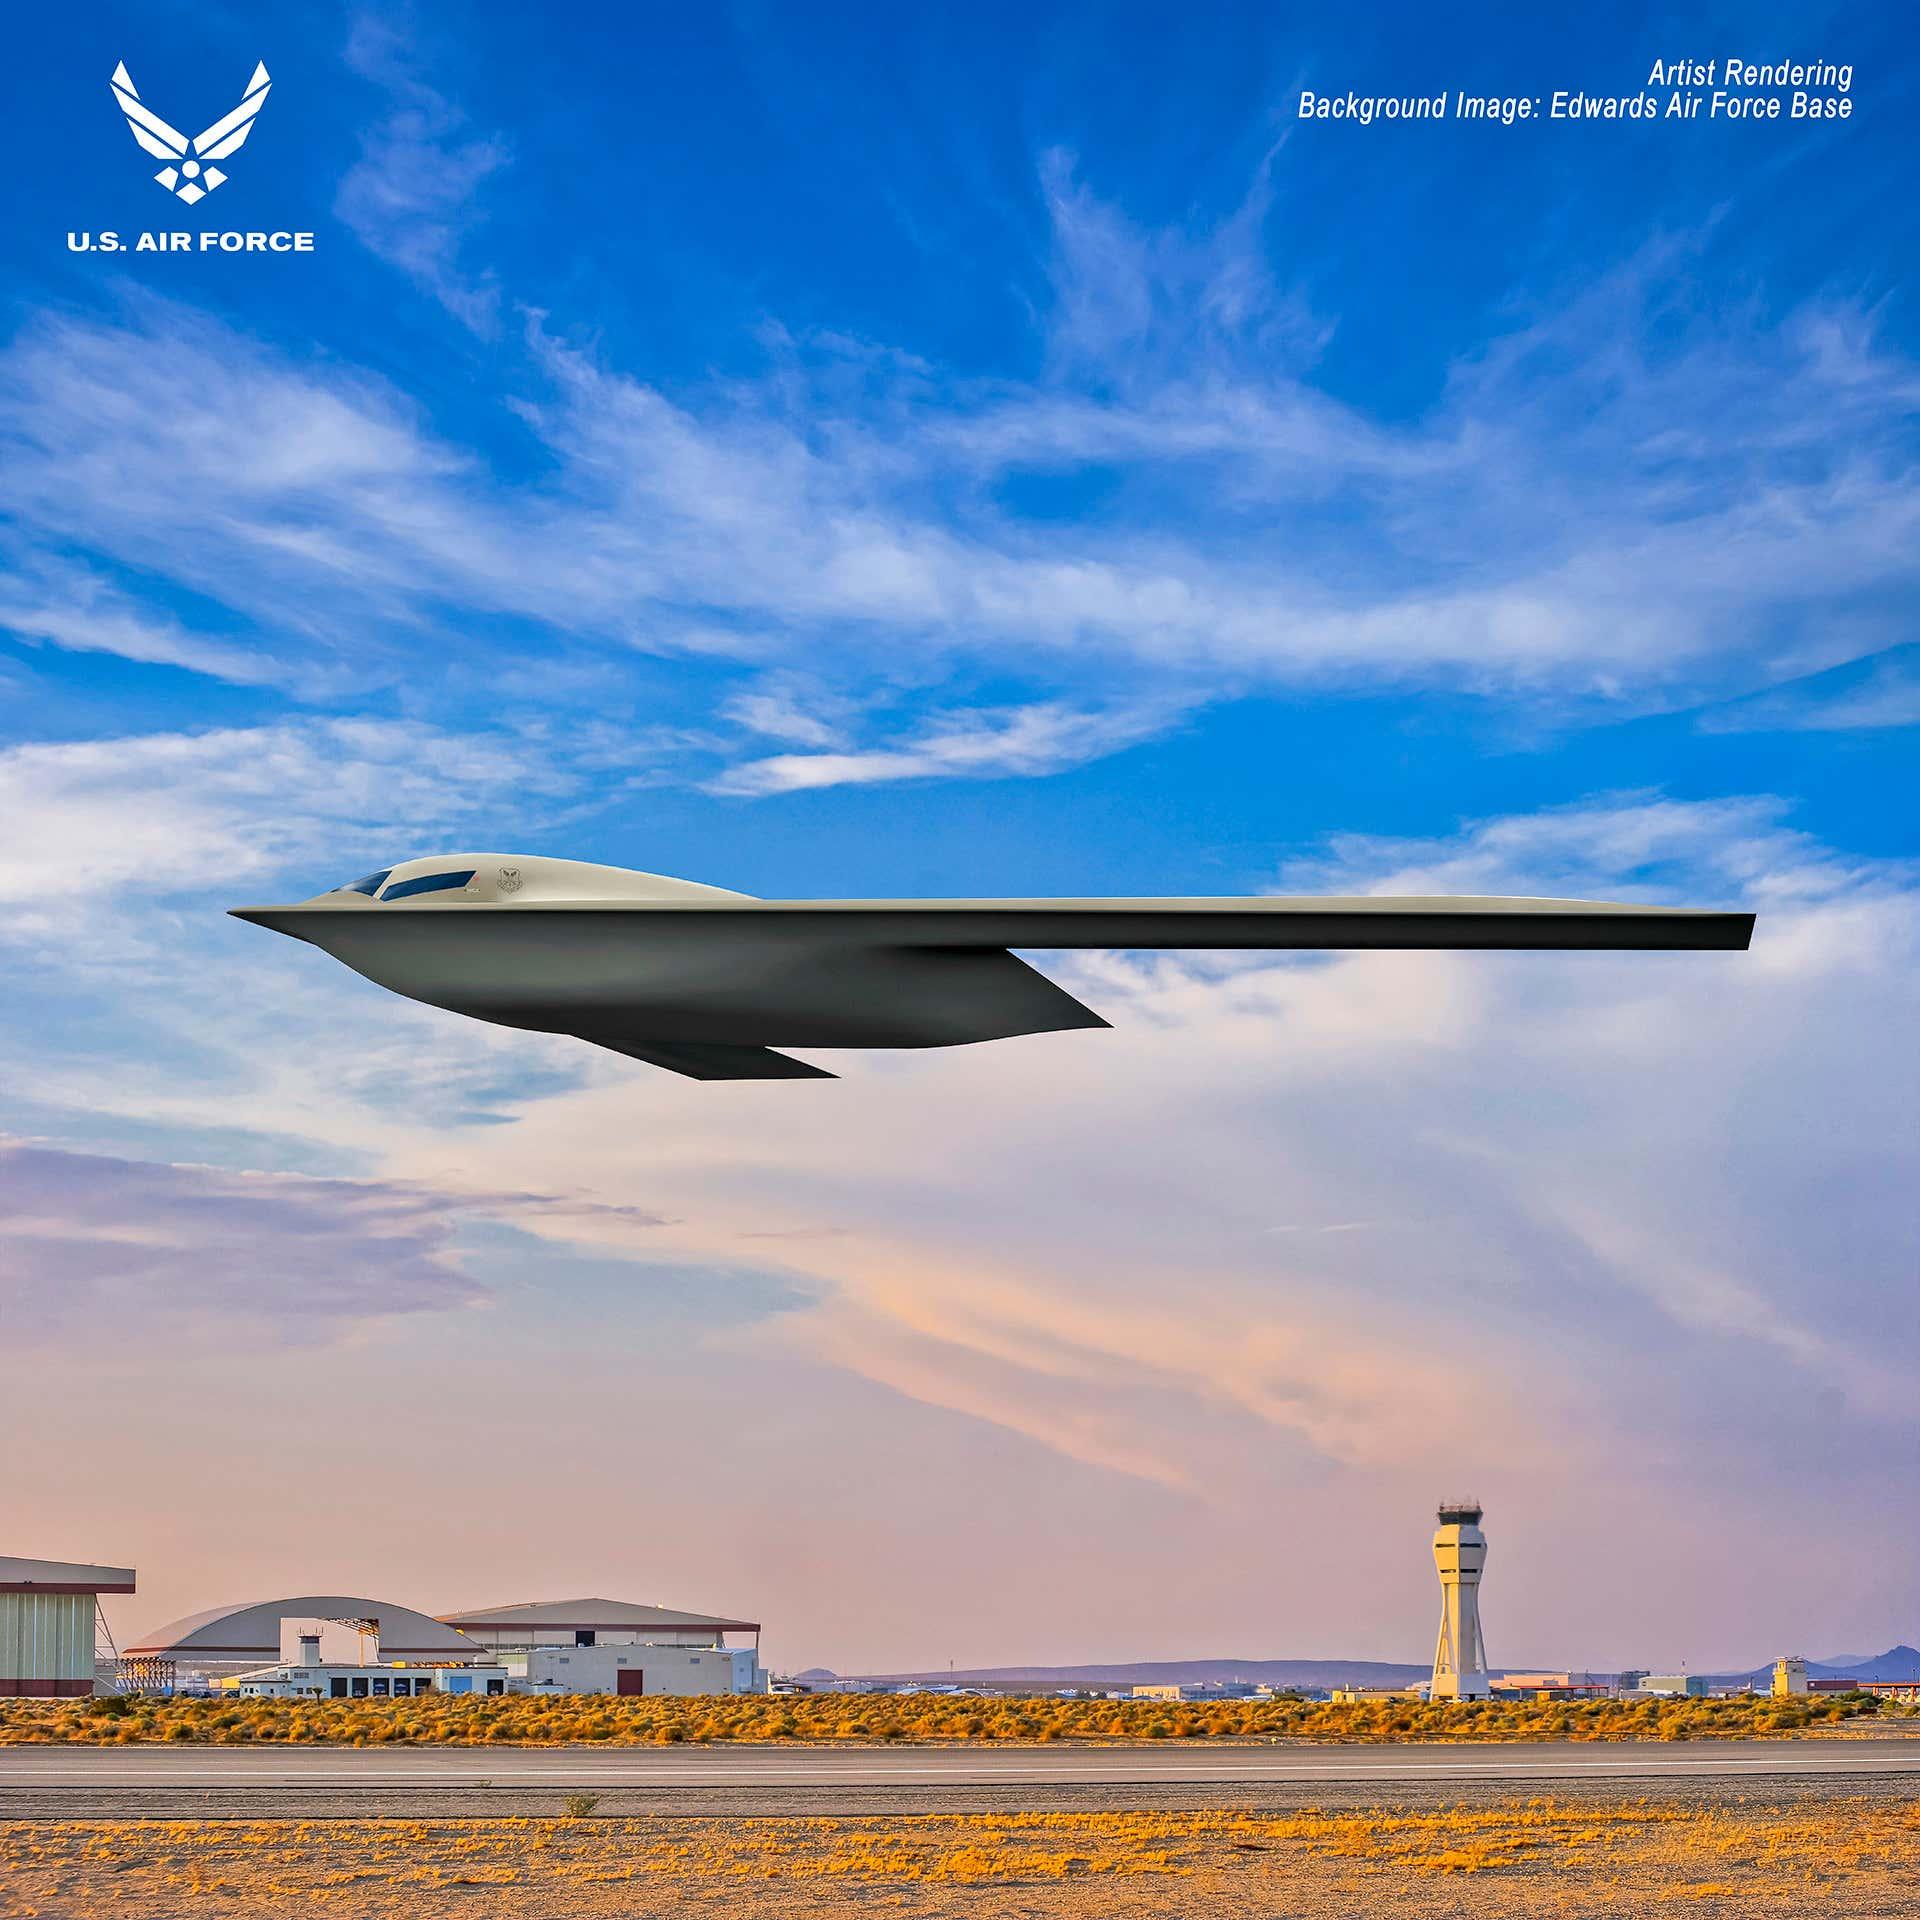 美军公布B-21隐身轰炸机最新图片,计划明年首飞